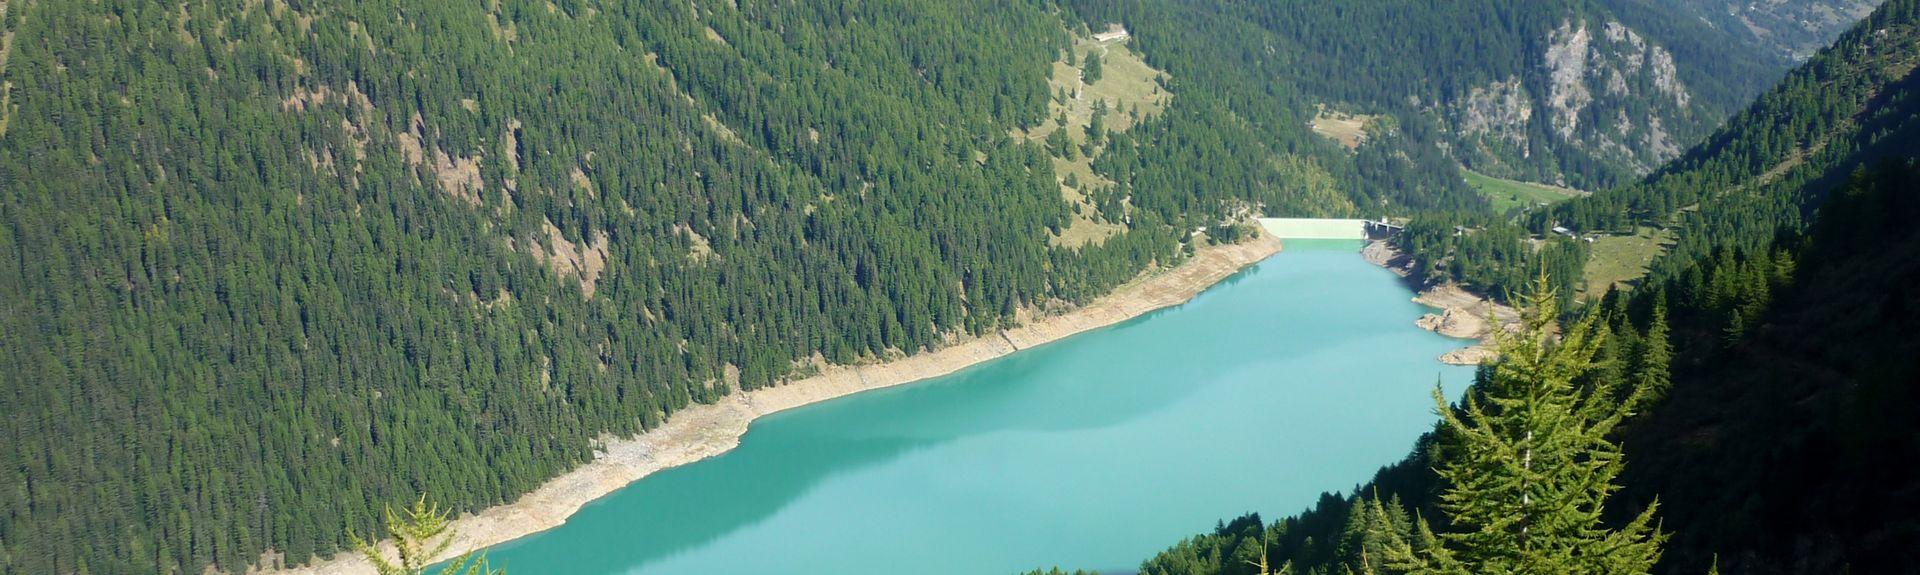 Almazzago, Trento, Trentino-Alto Adige/South Tyrol, Italy